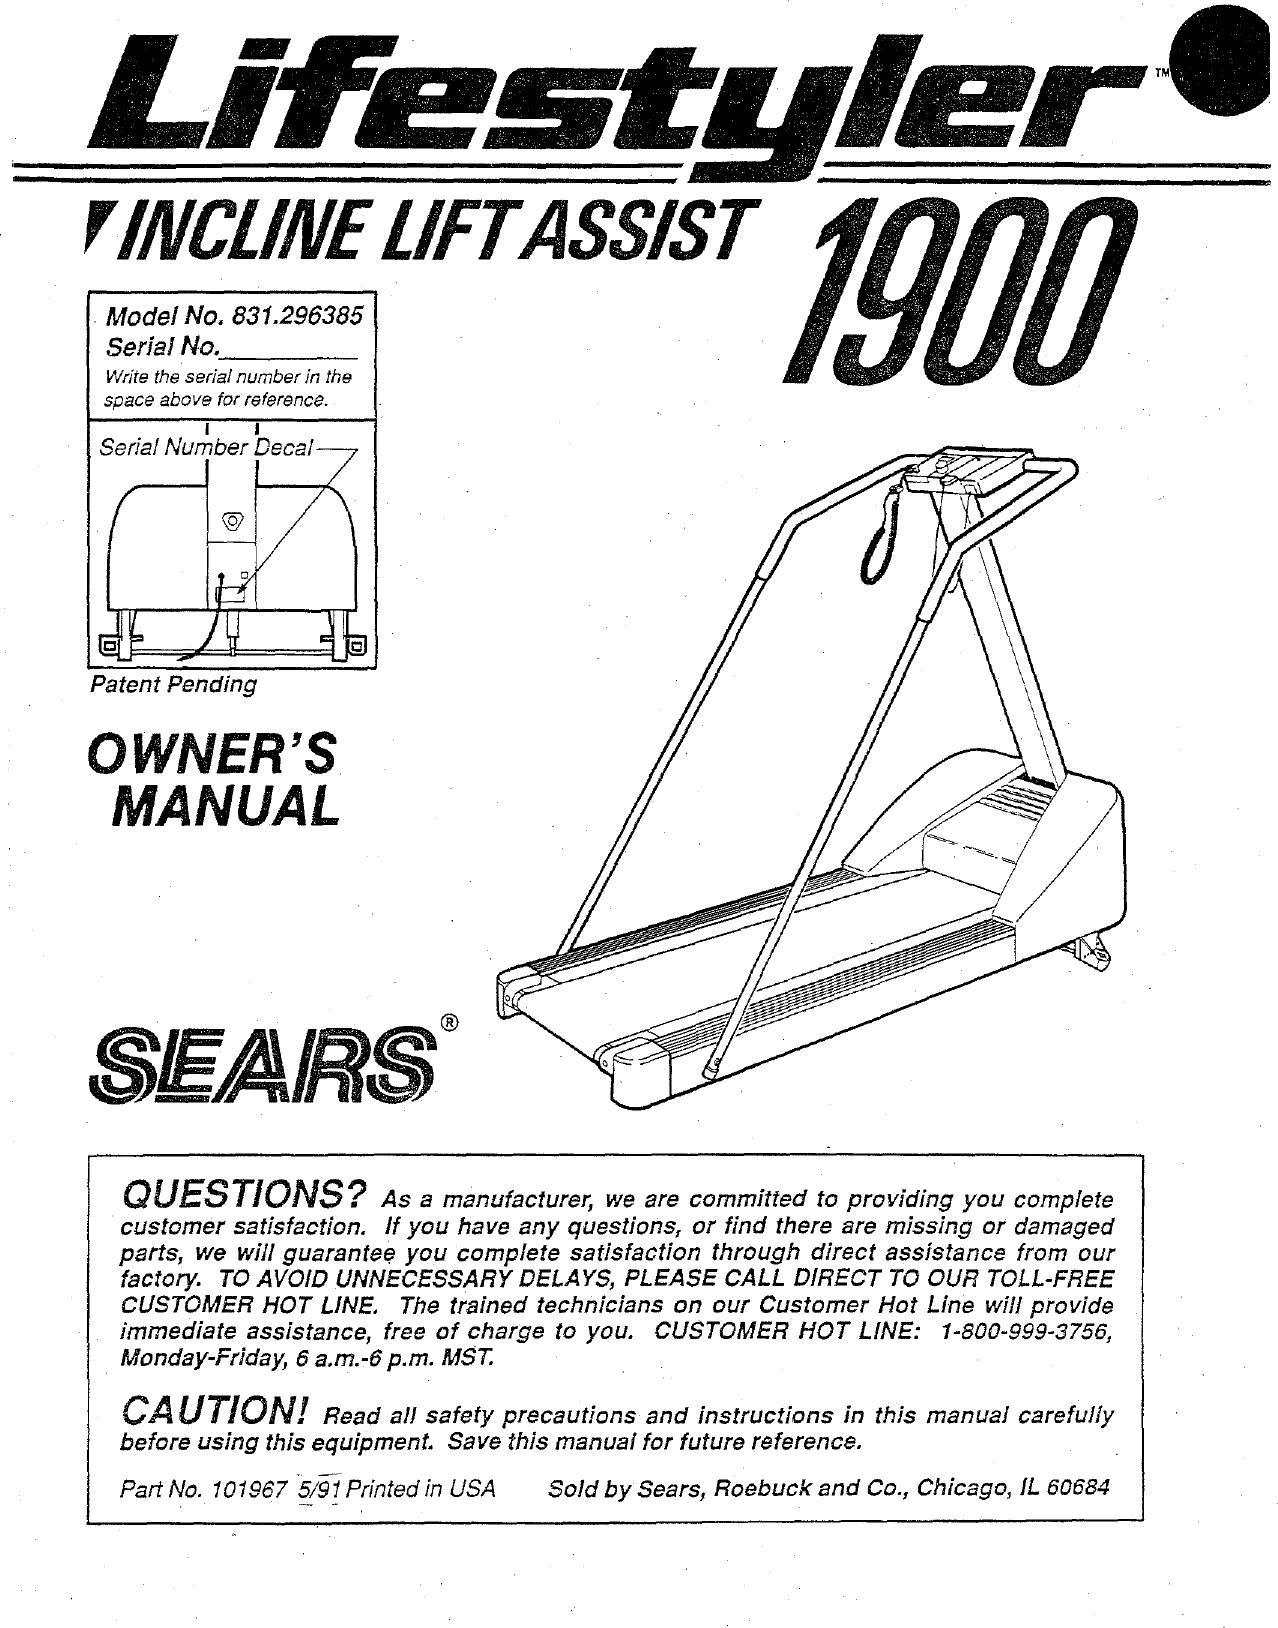 Lifestyler 831296385 User Manual 1900 TREADMILL Manuals